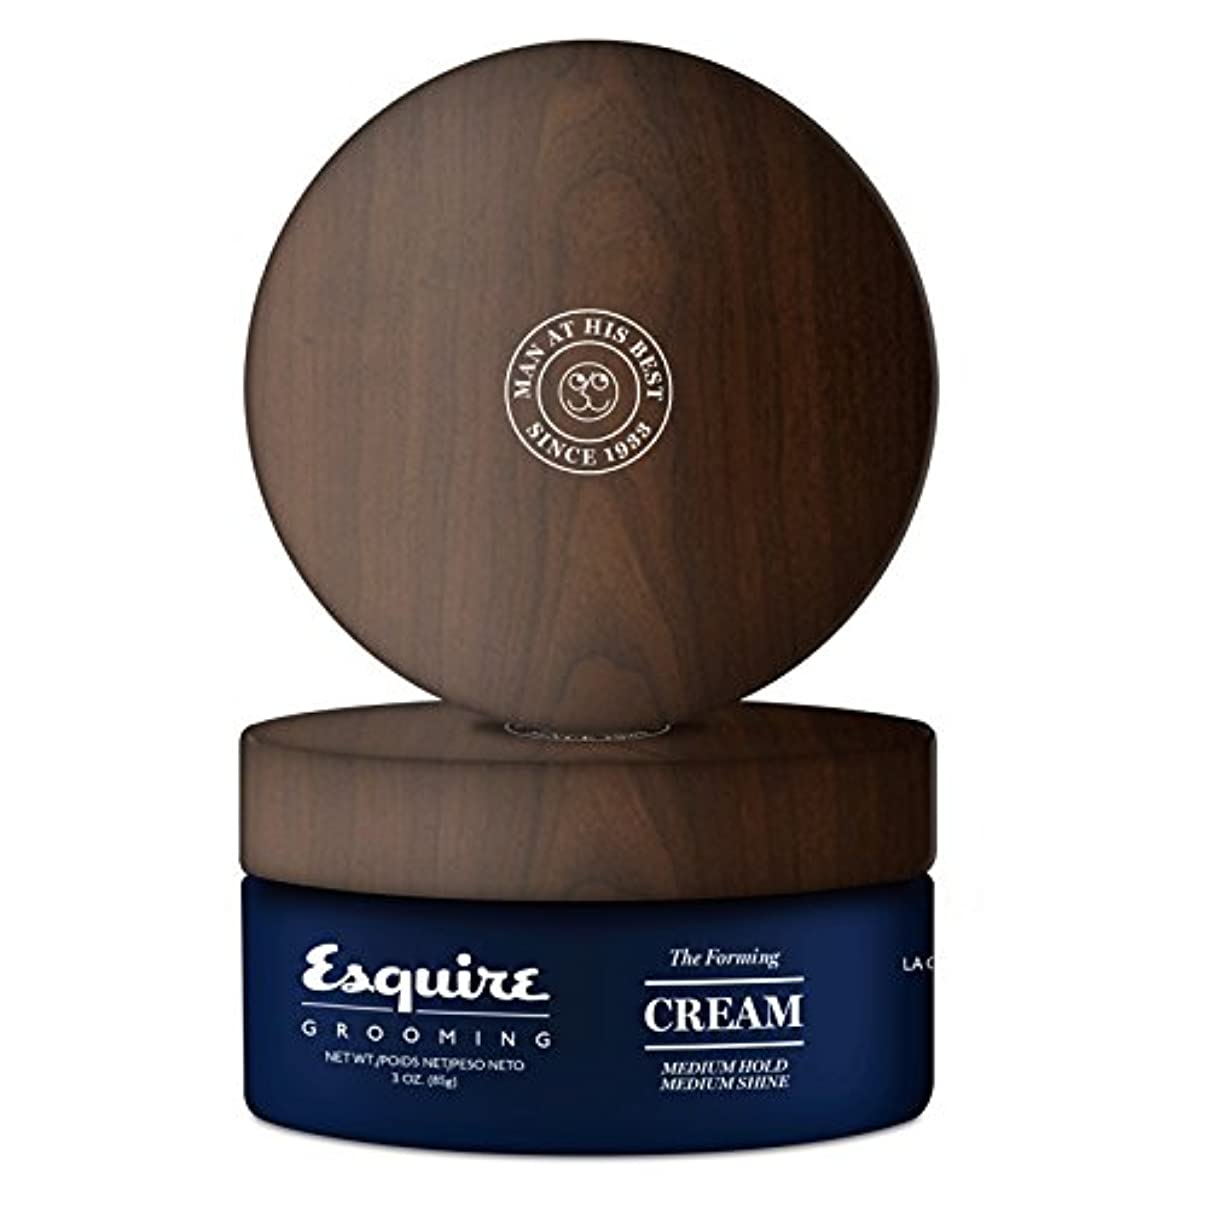 忌み嫌う甘い九CHI Esquire Grooming The Forming Cream (Medium Hold, Medium Shine) 85g/3oz並行輸入品